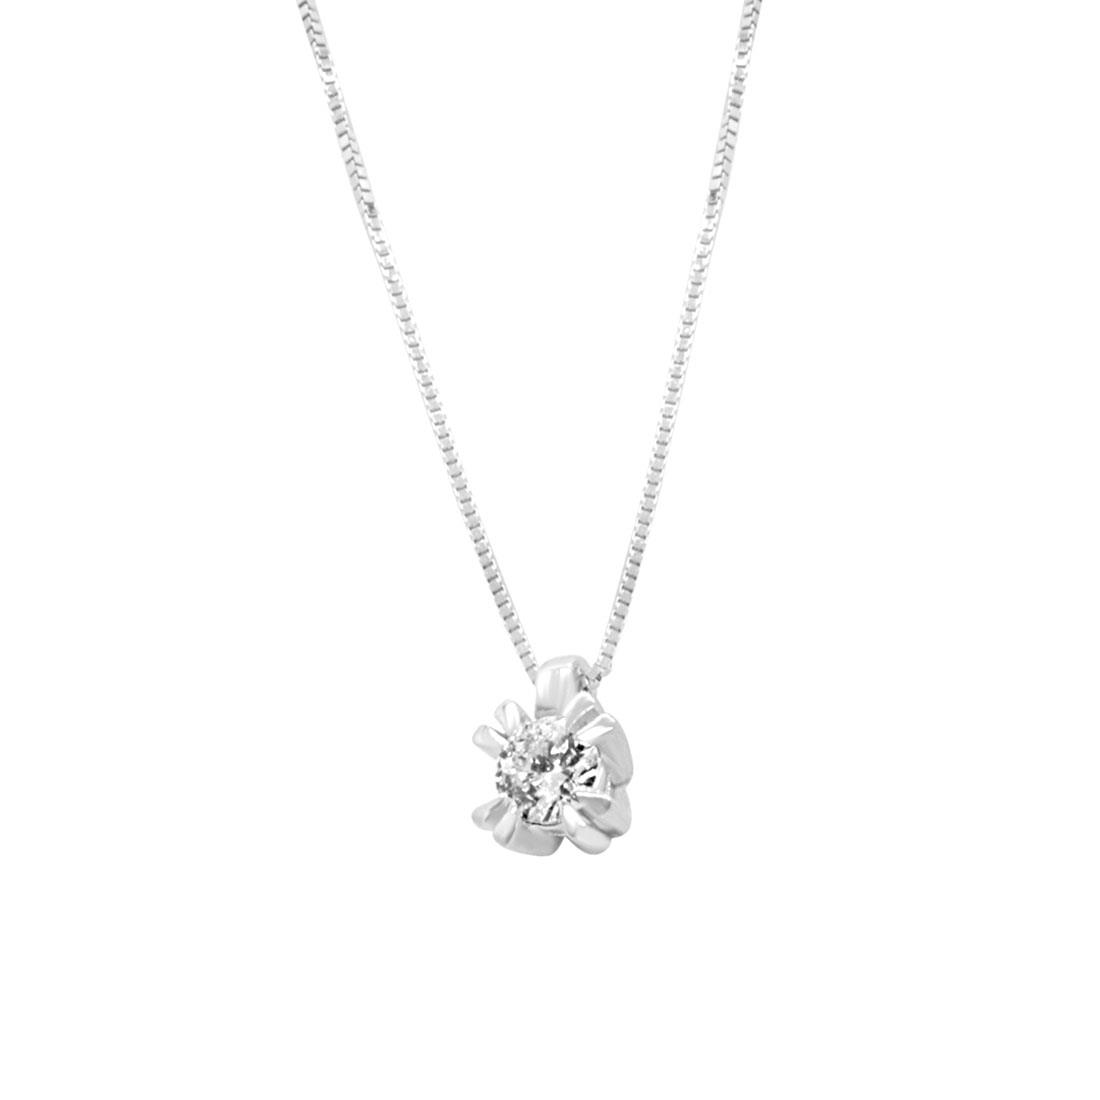 Collier punto luce in oro bianco e diamante 0,15 ct  - ORO&CO